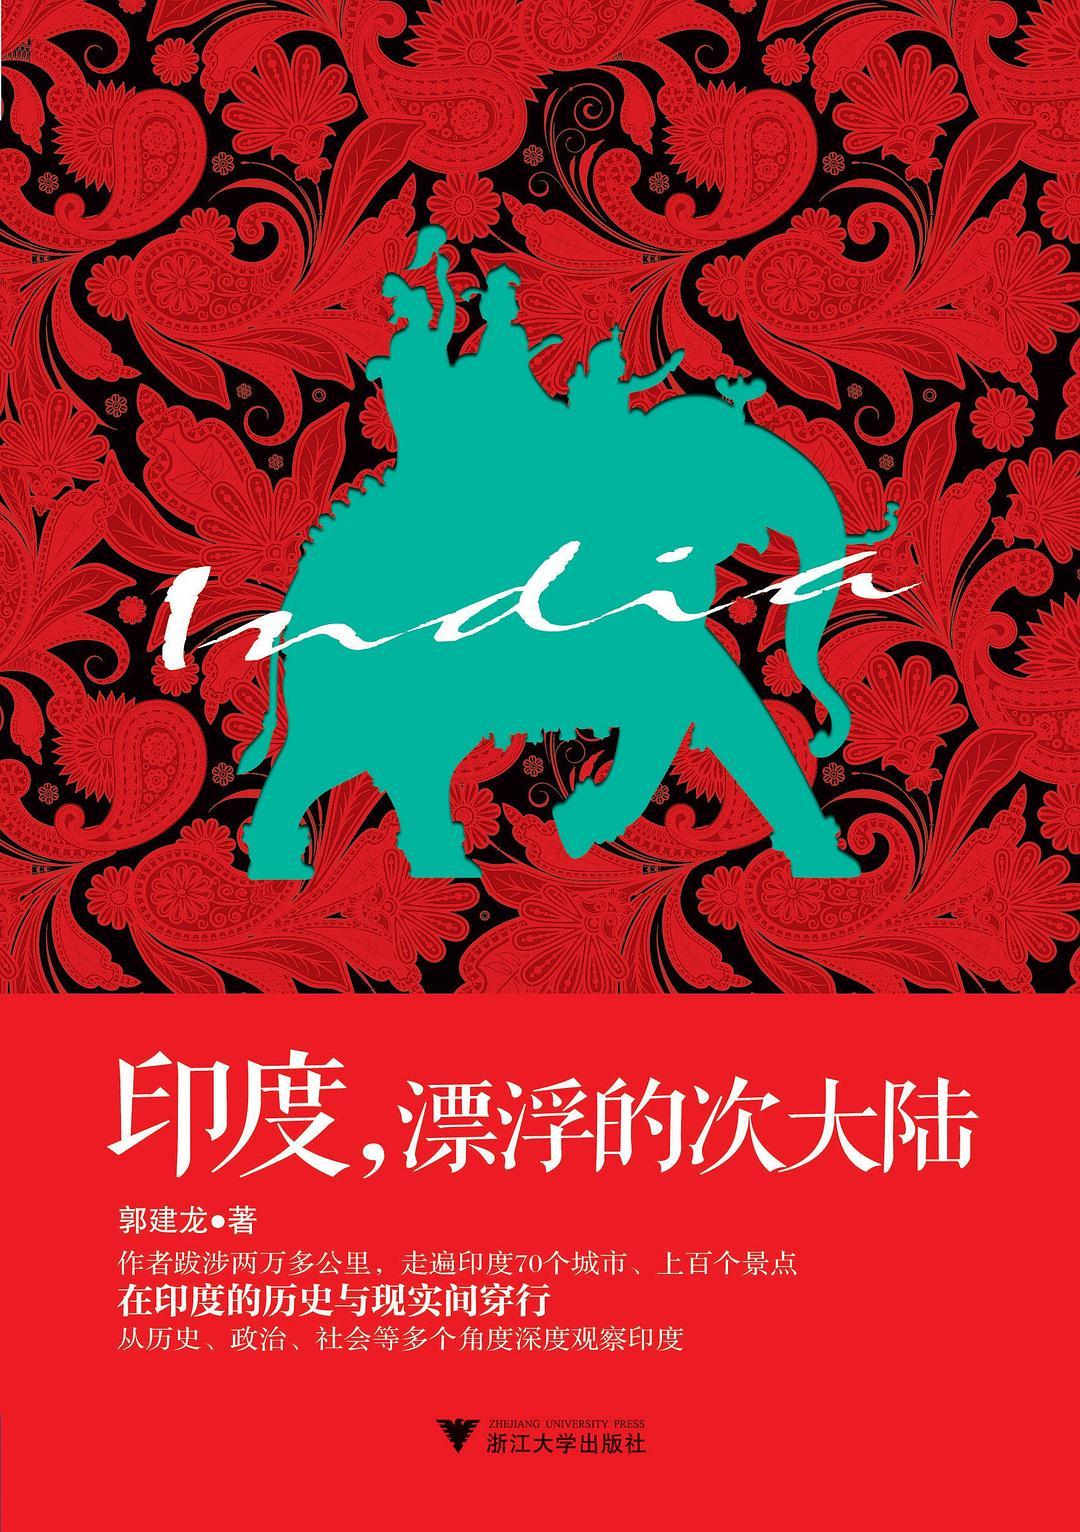 《印度,漂浮的次大陆》,郭建龙 著,浙江大学出版社,2013年8月